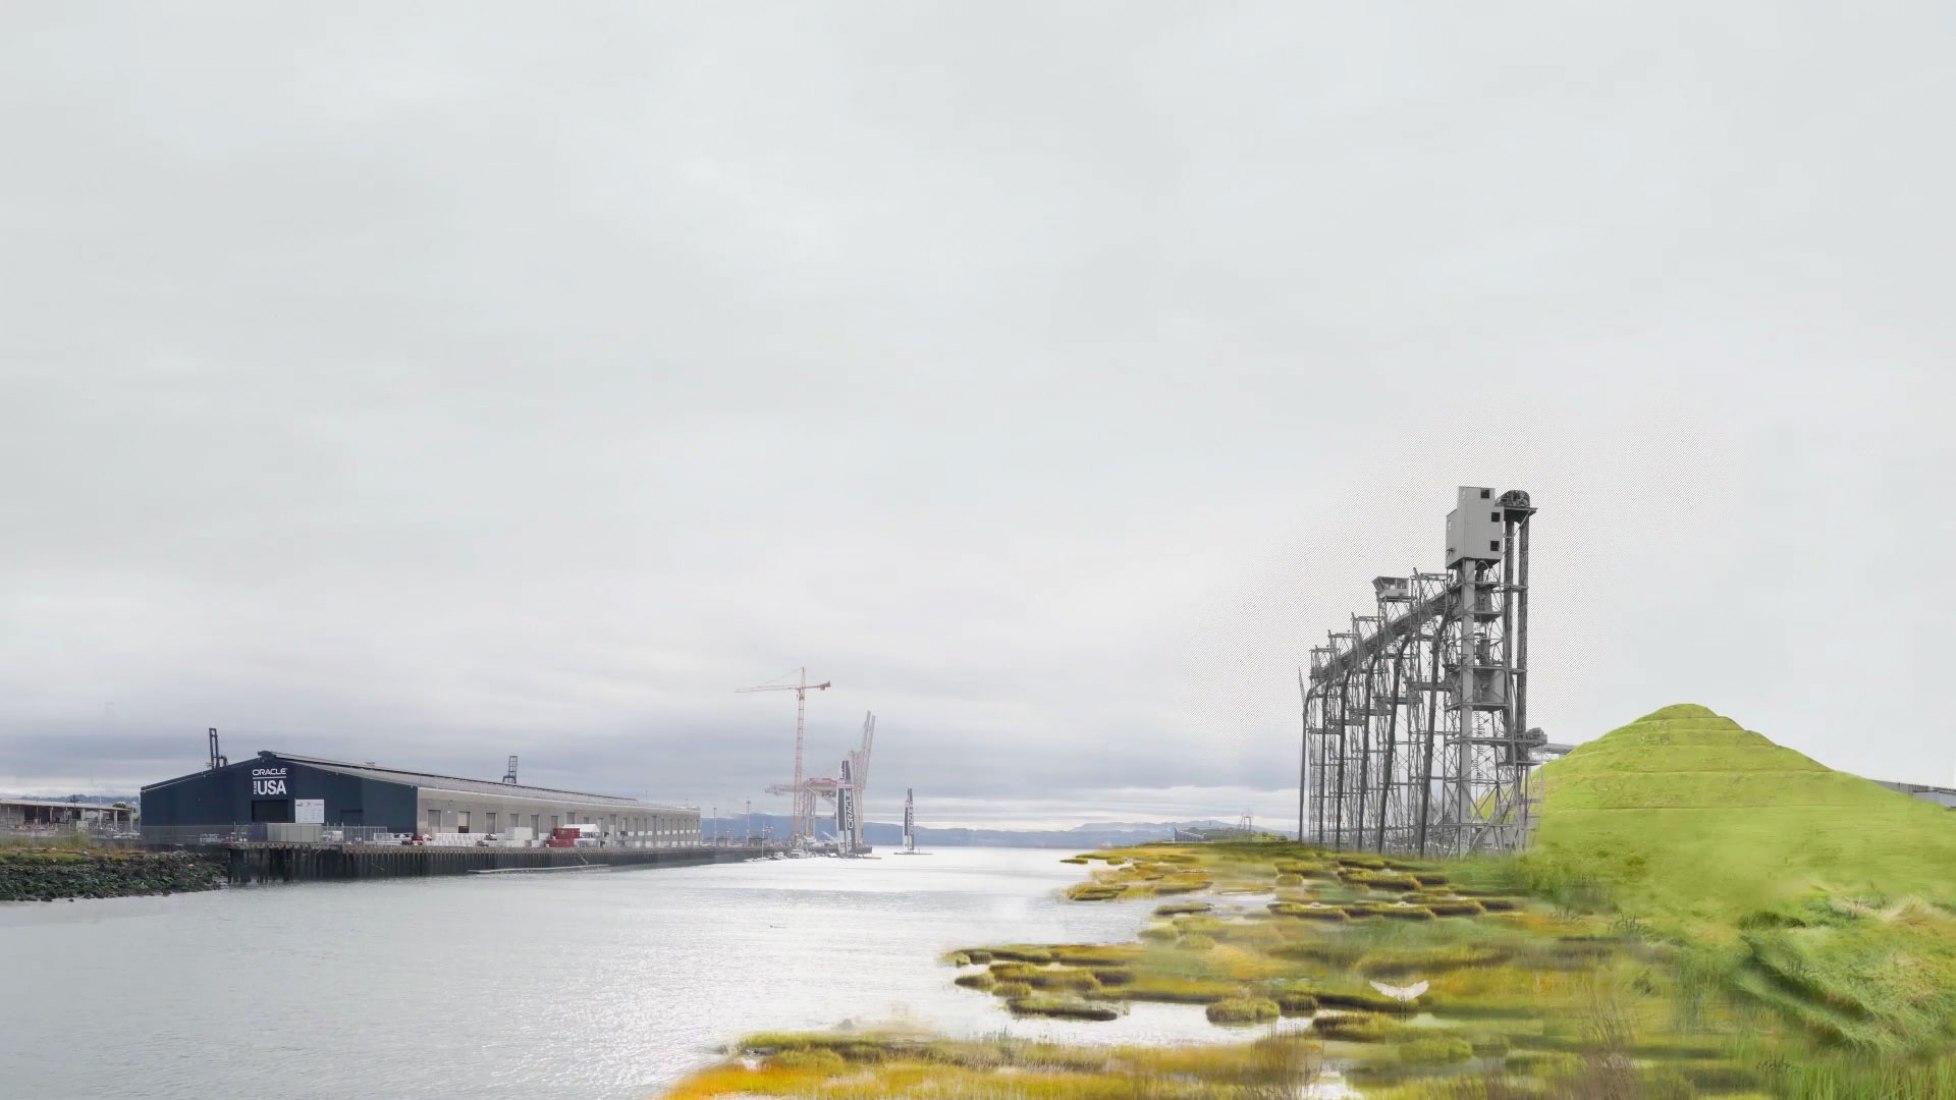 BIG+ONE+SHERWOOD: Ecosistema Social para Resiliencia por Diseño | Bay Area Challenge